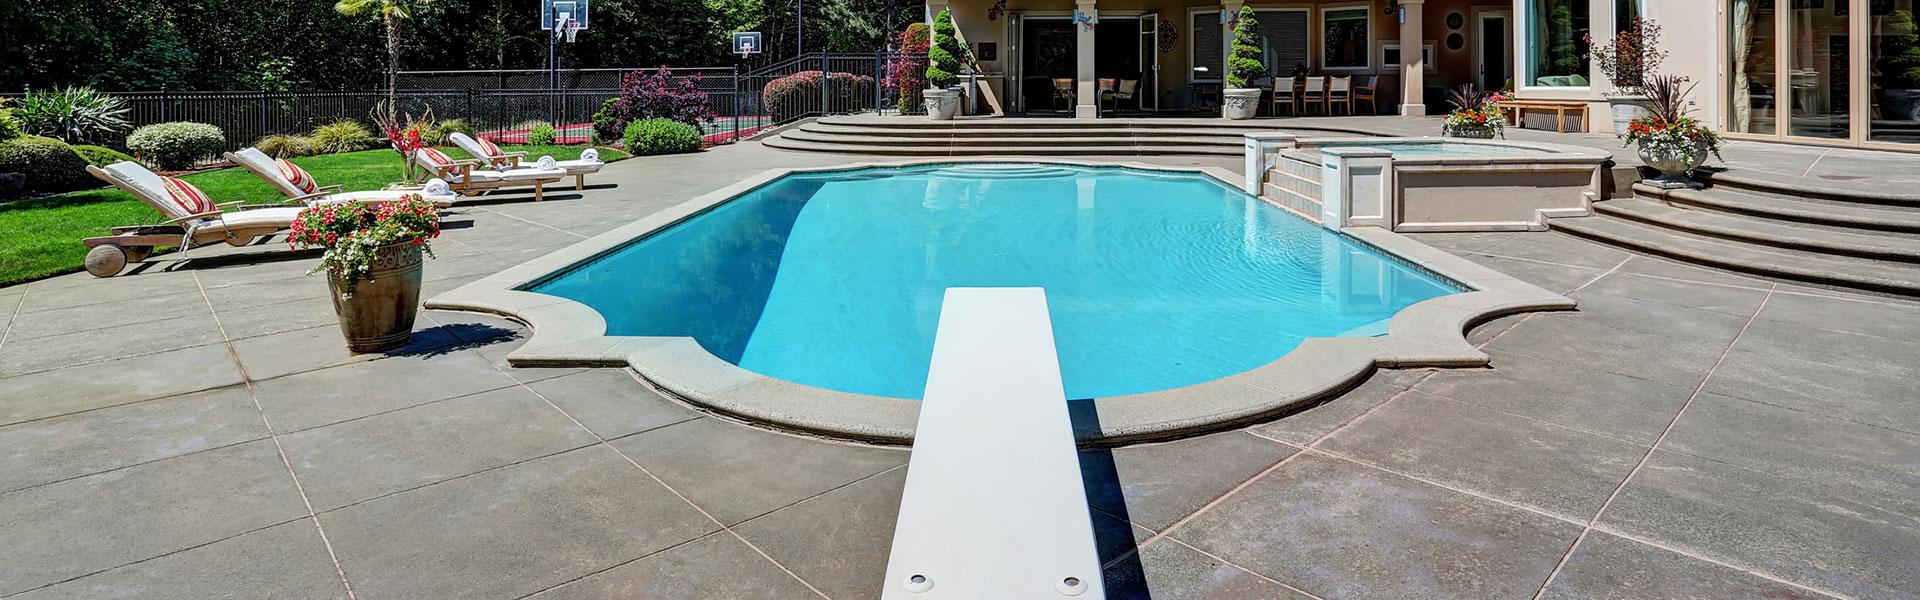 Swimming Pool Service Plano Frisco Dallas And More